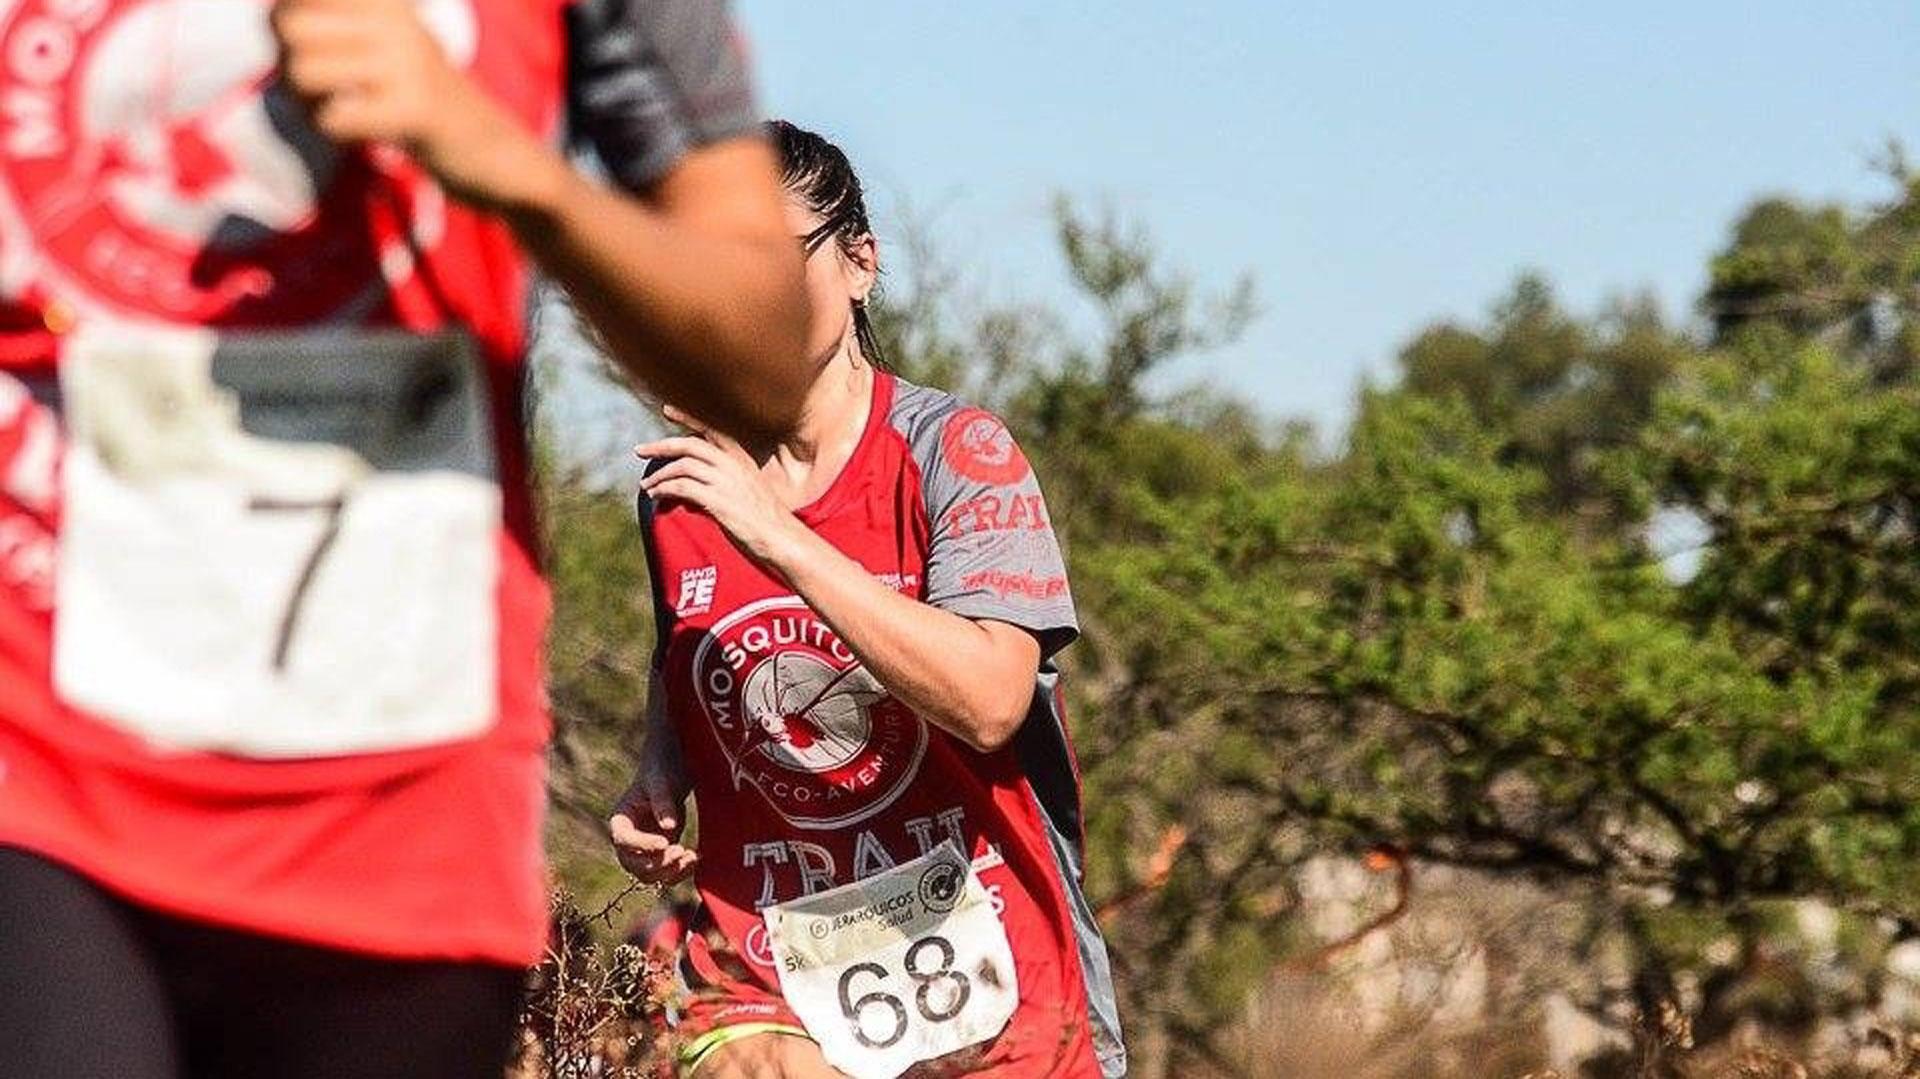 Las carreras Mosquito Race se desarrollan en terrenos naturales